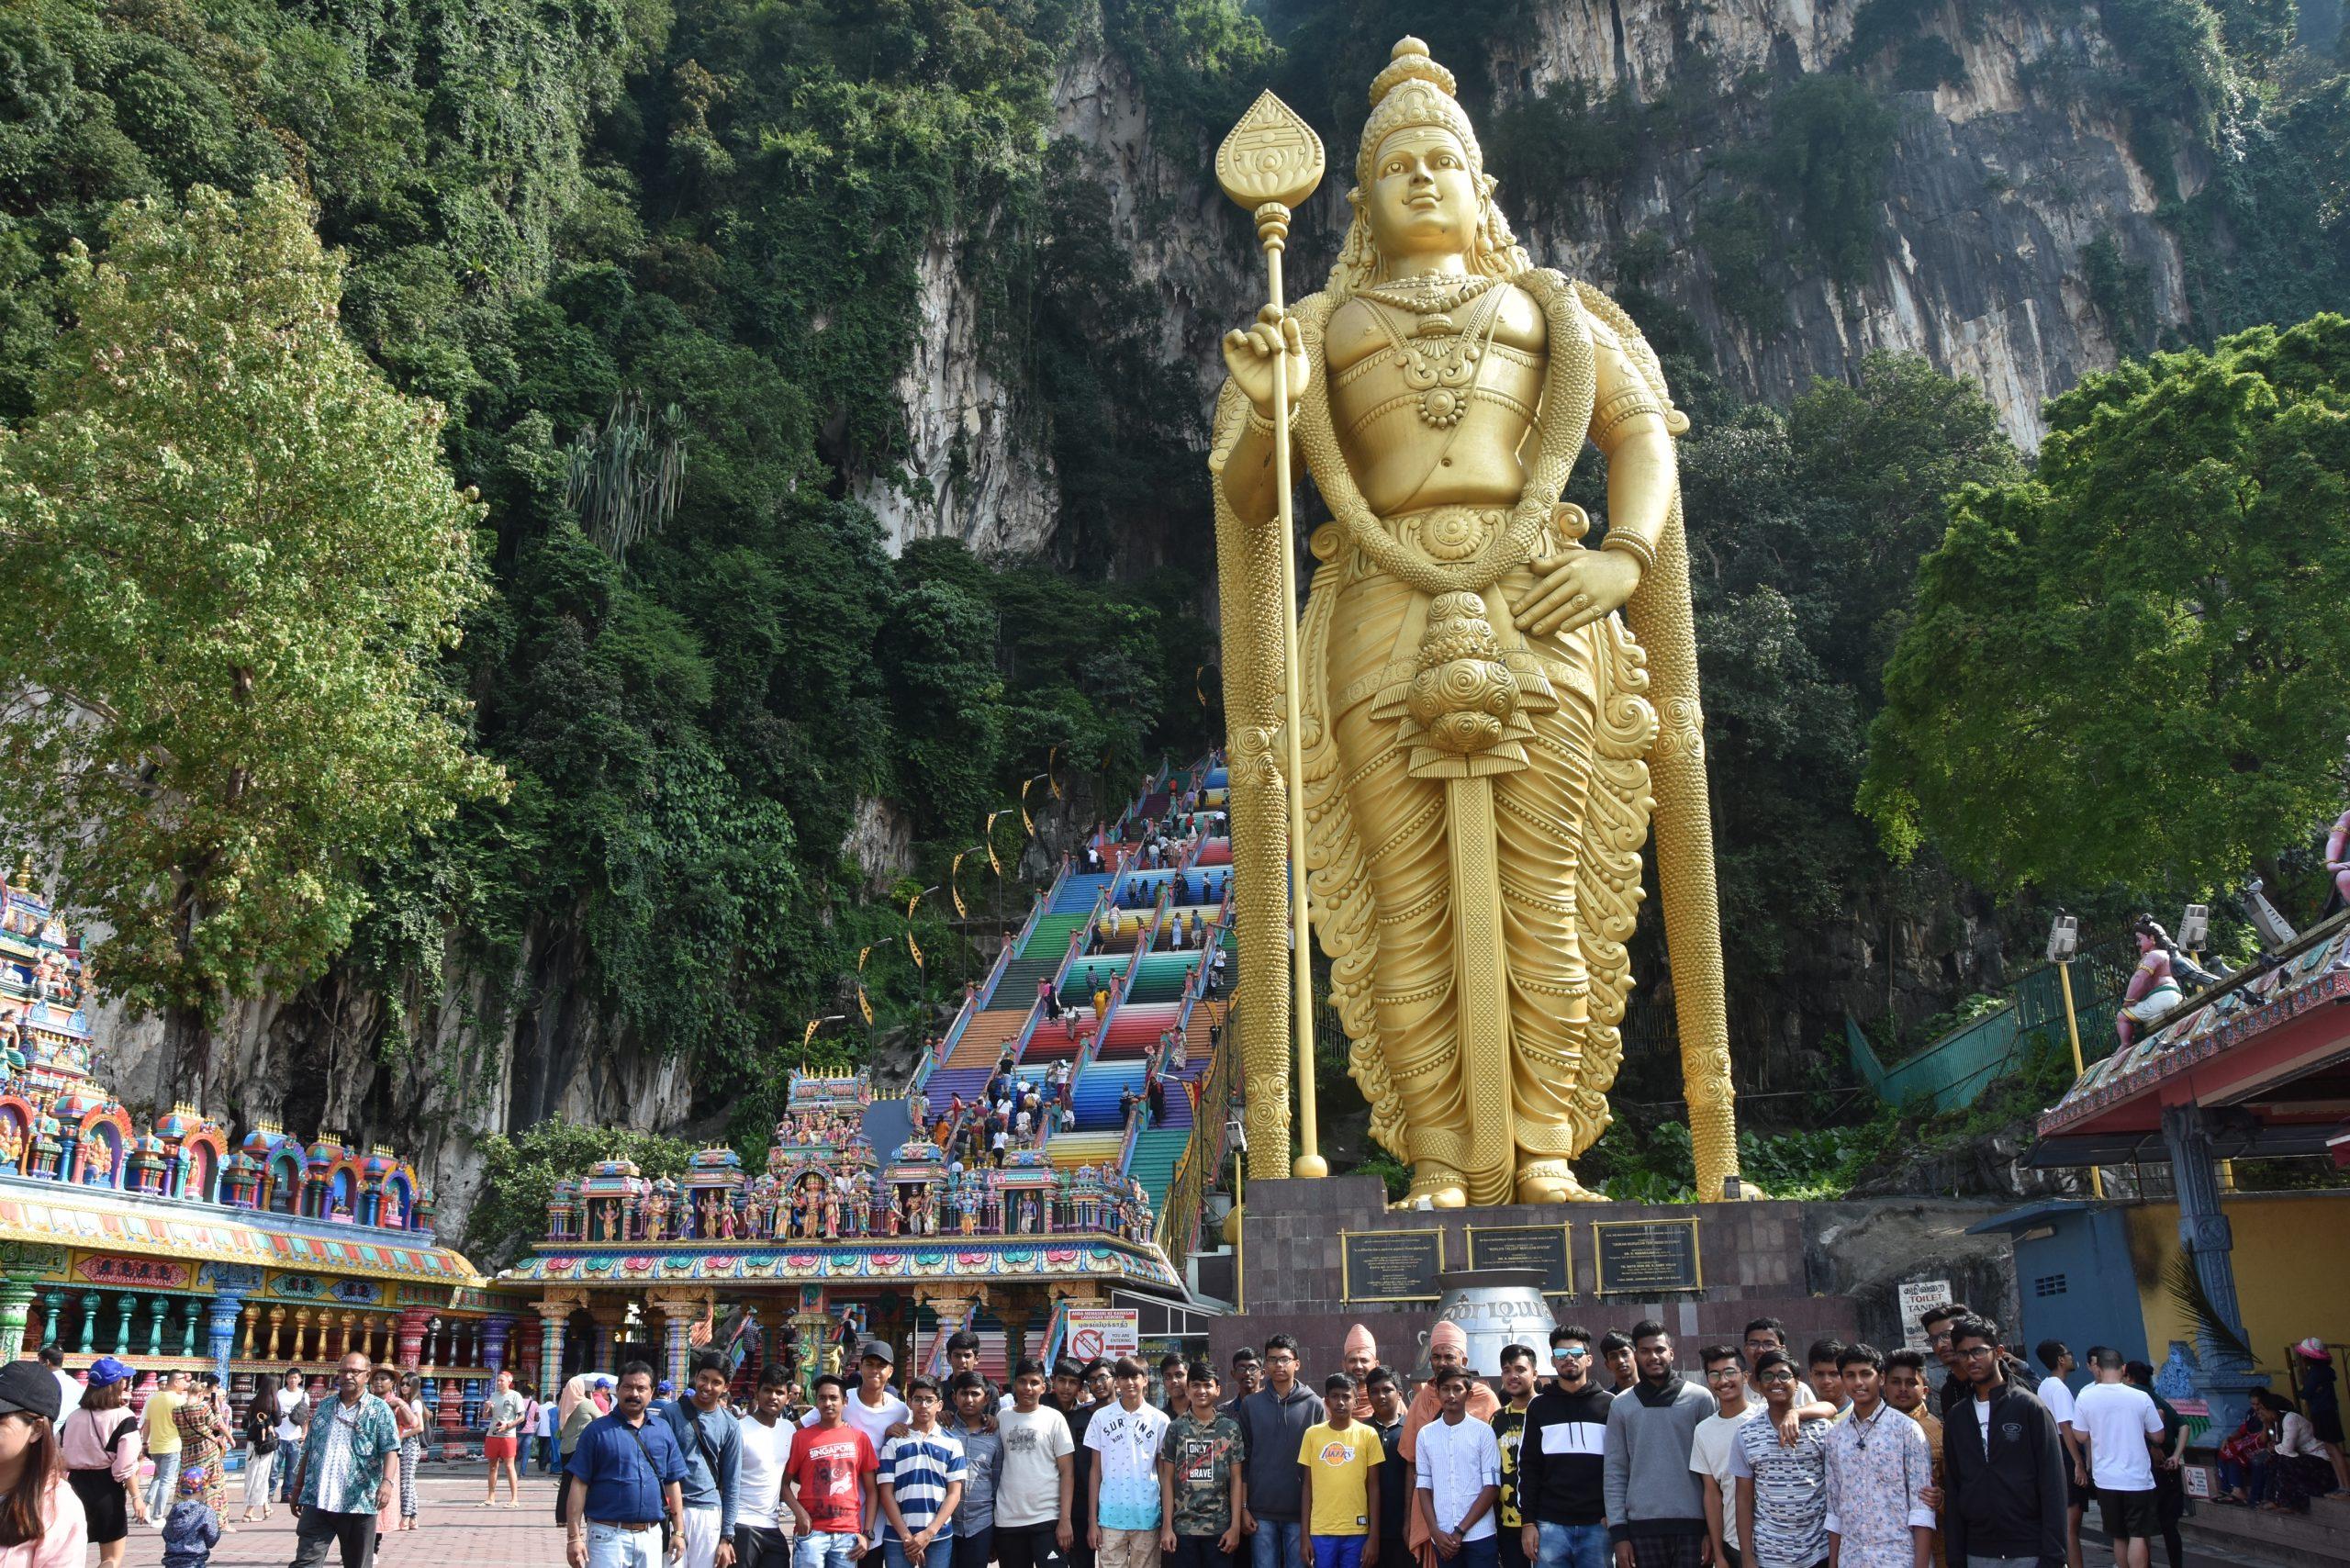 Swamy Narayan Students at Subramanya Swamy Statue